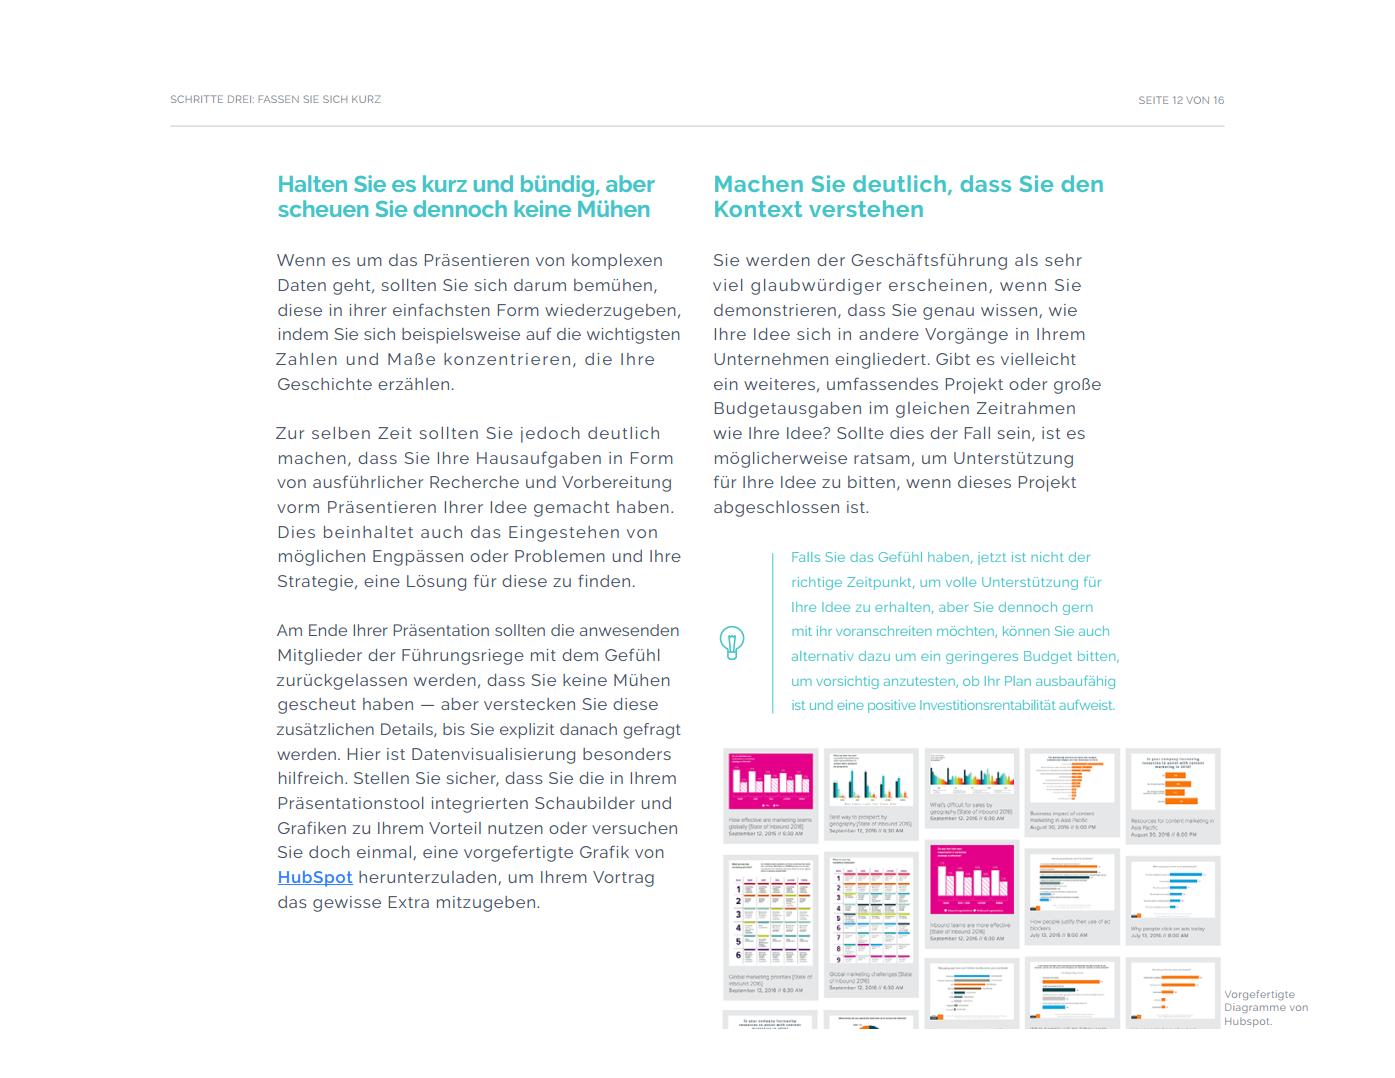 HubSpot - Prezi - Effektive Business-Praesentationen - Beispielbild 5